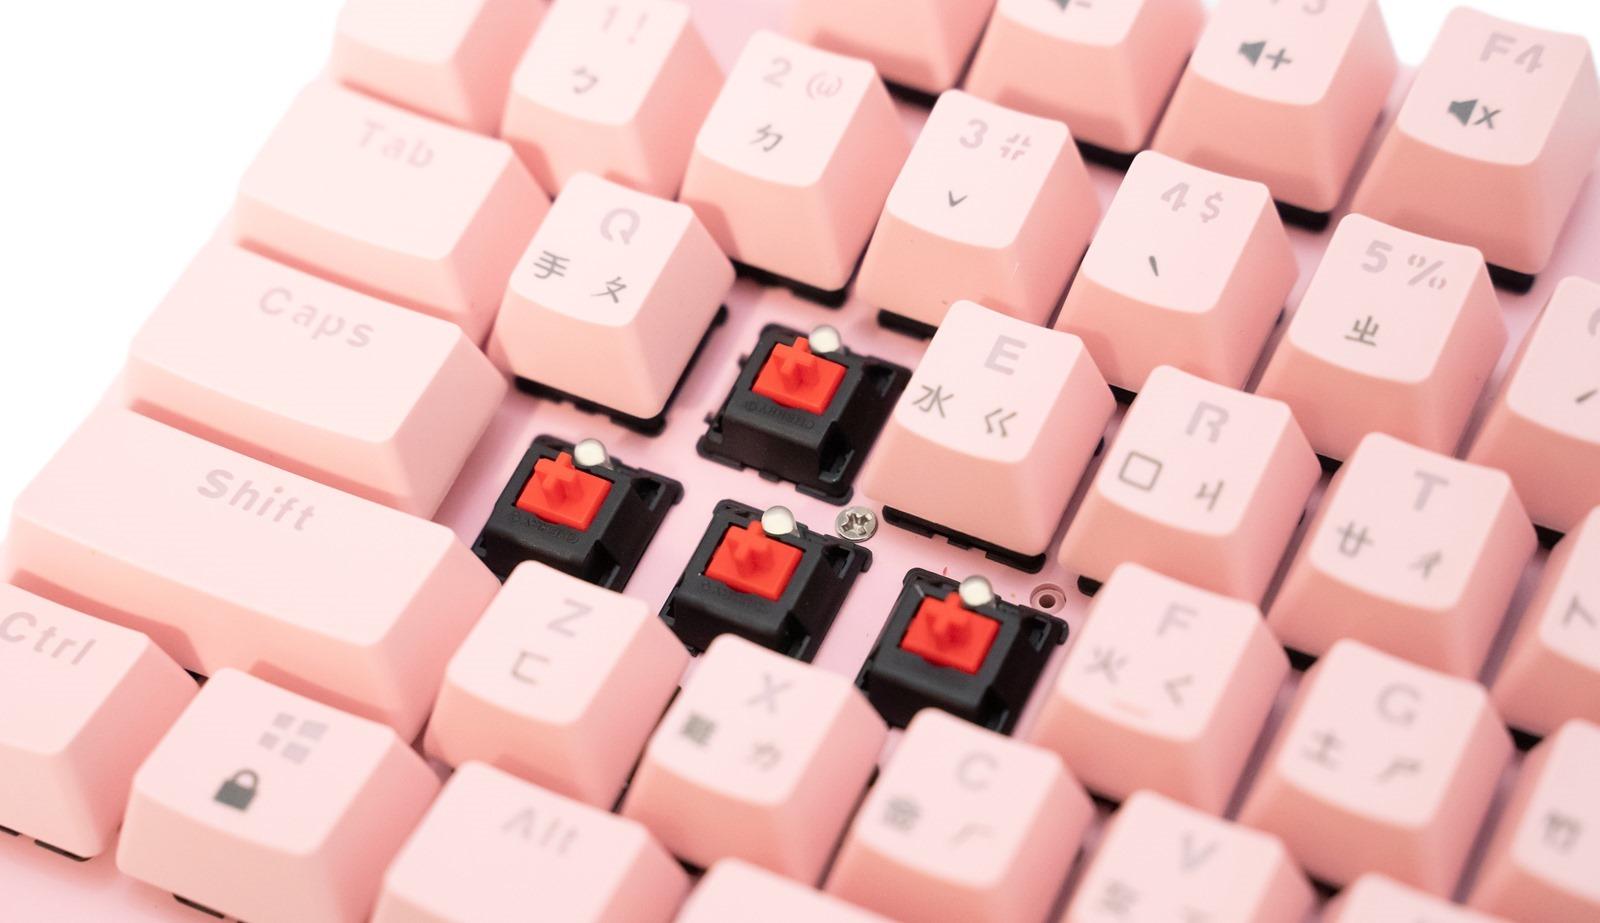 這一次男女都瘋狂!時尚、漂亮、打擊感、閃爆別人的 i-rocks K75M 最美粉紅機械鍵盤來了! @3C 達人廖阿輝